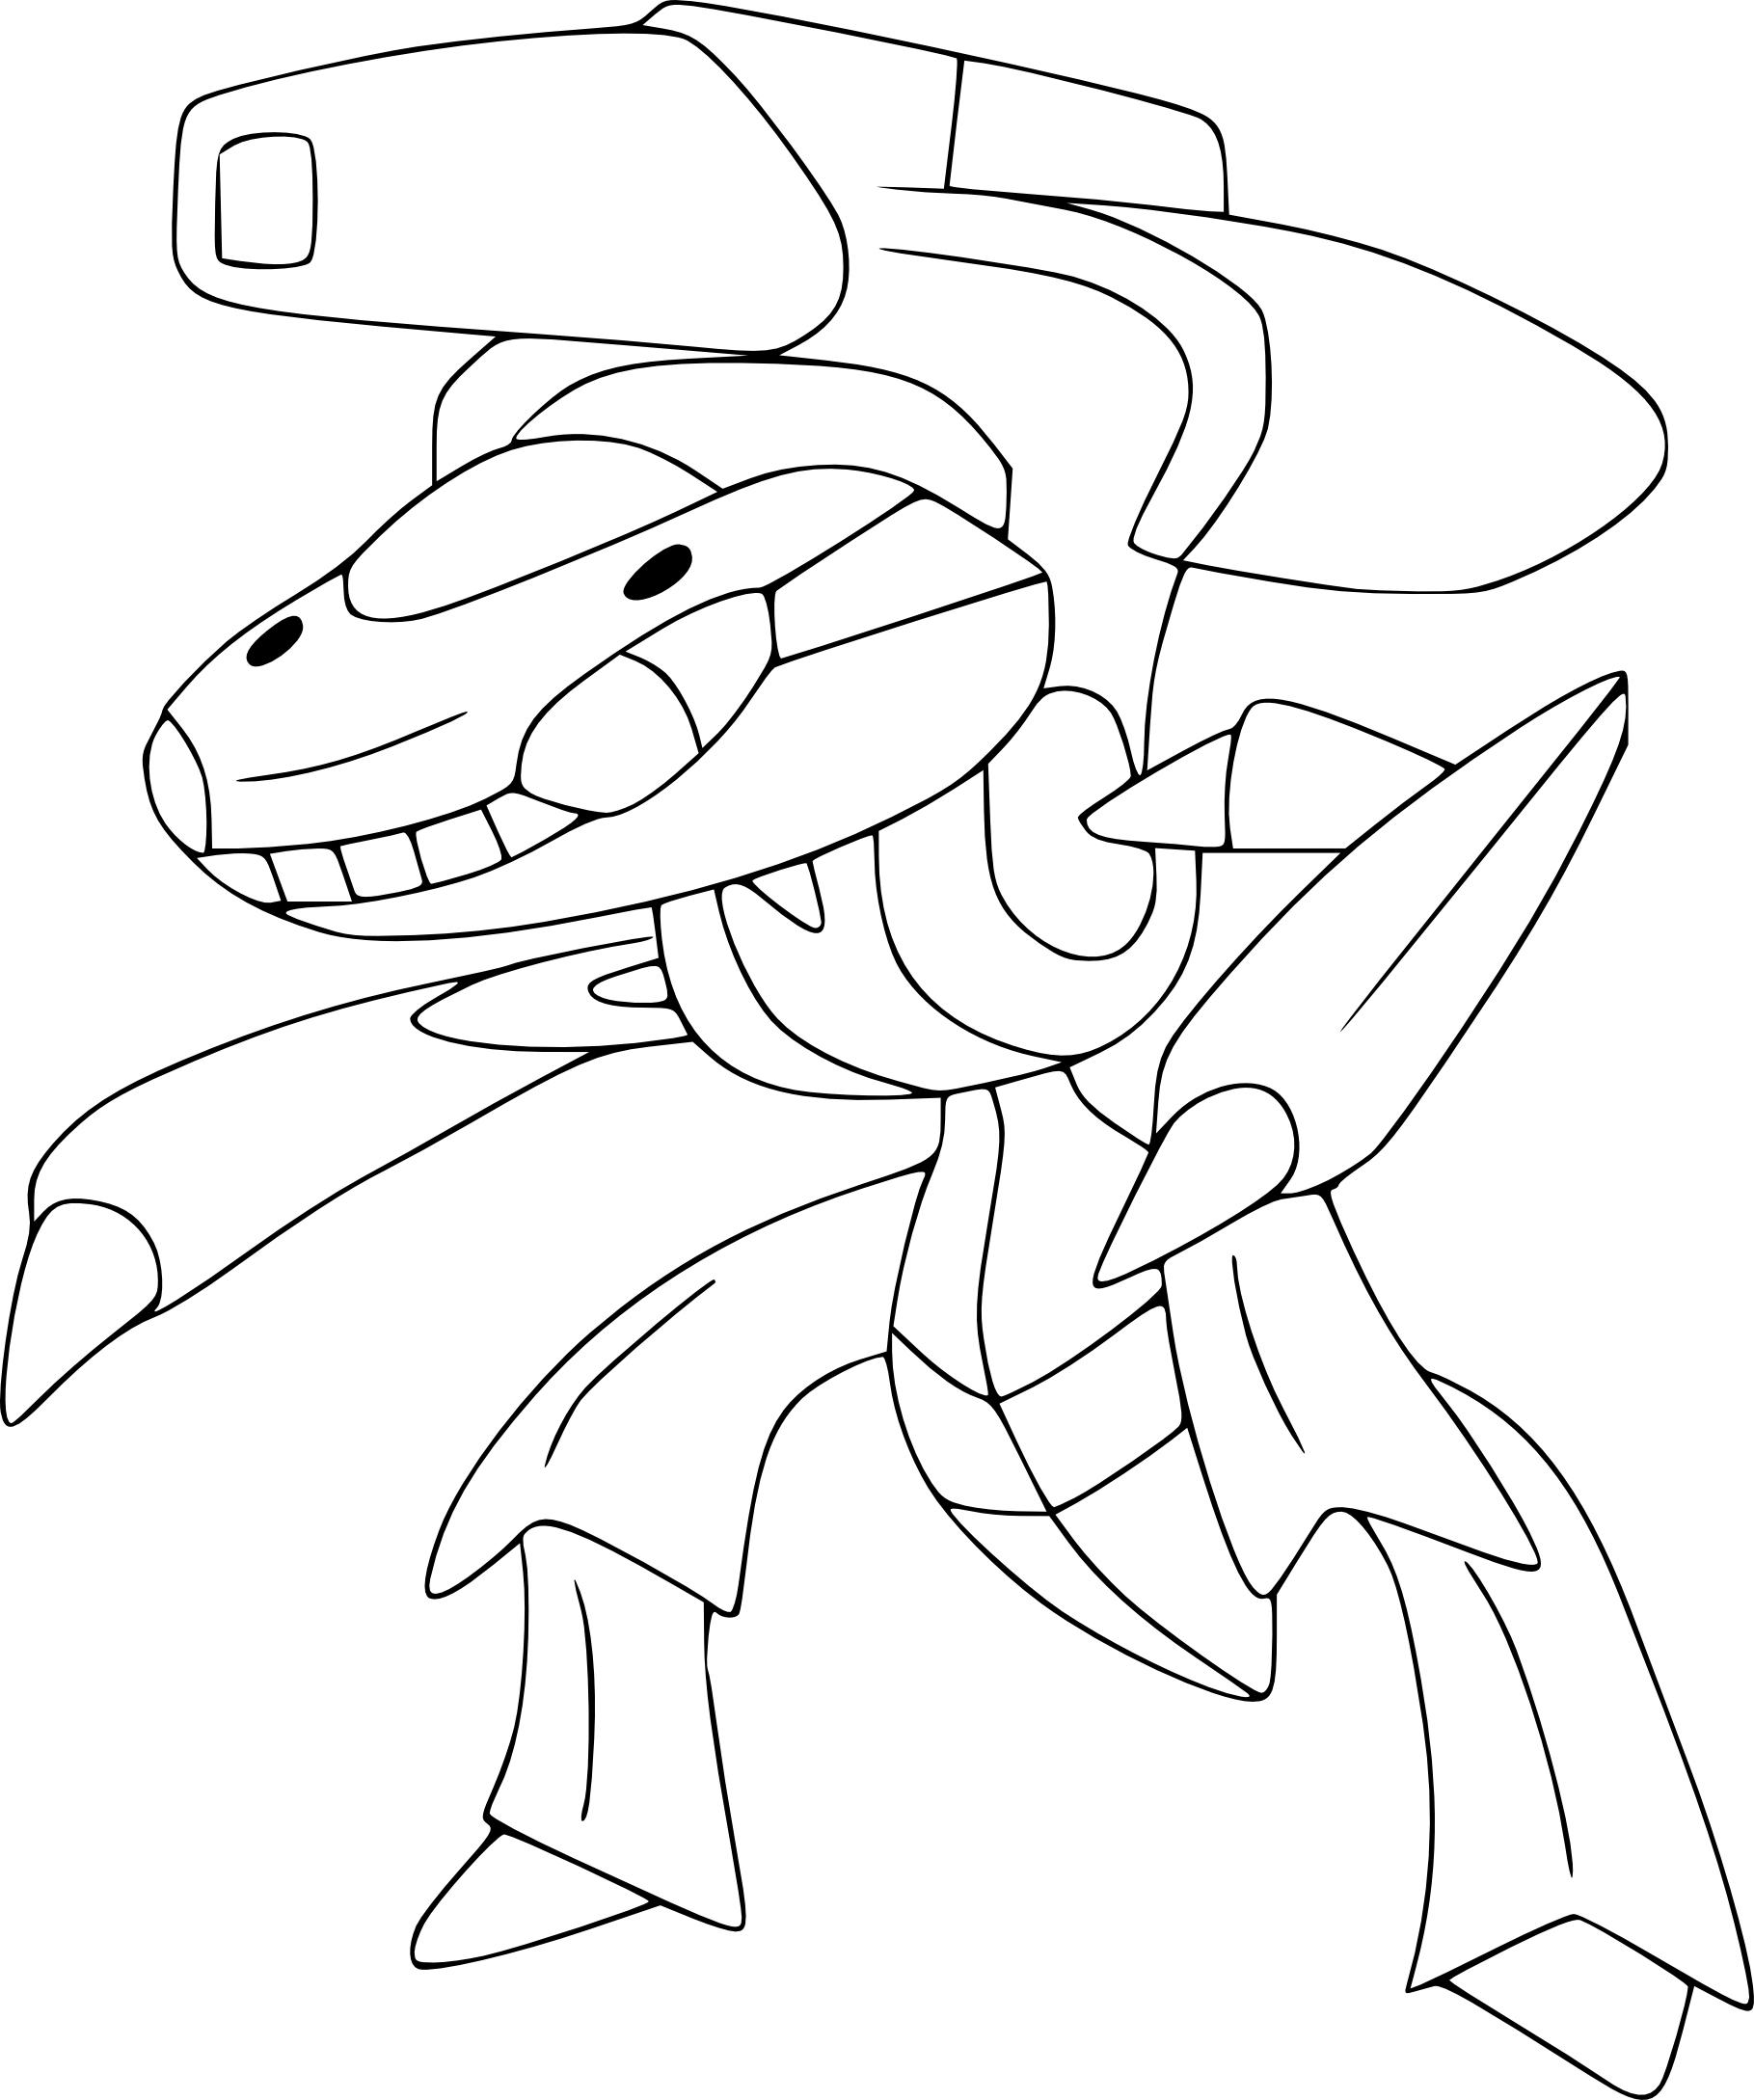 Coloriage Genesect Pokemon À Imprimer Sur Coloriages serapportantà Coloriage A Imprimer Pokemon Legendaire